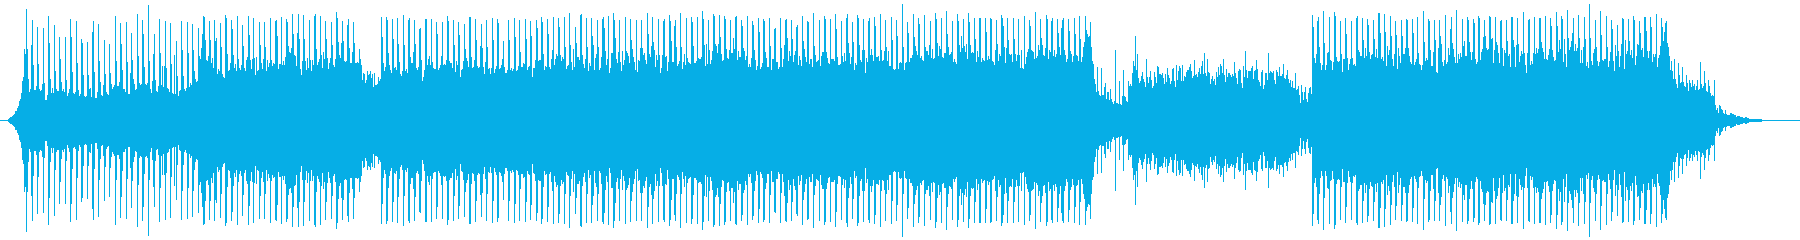 【CM・企業VP】爽やかで涼しげなBGMの再生済みの波形